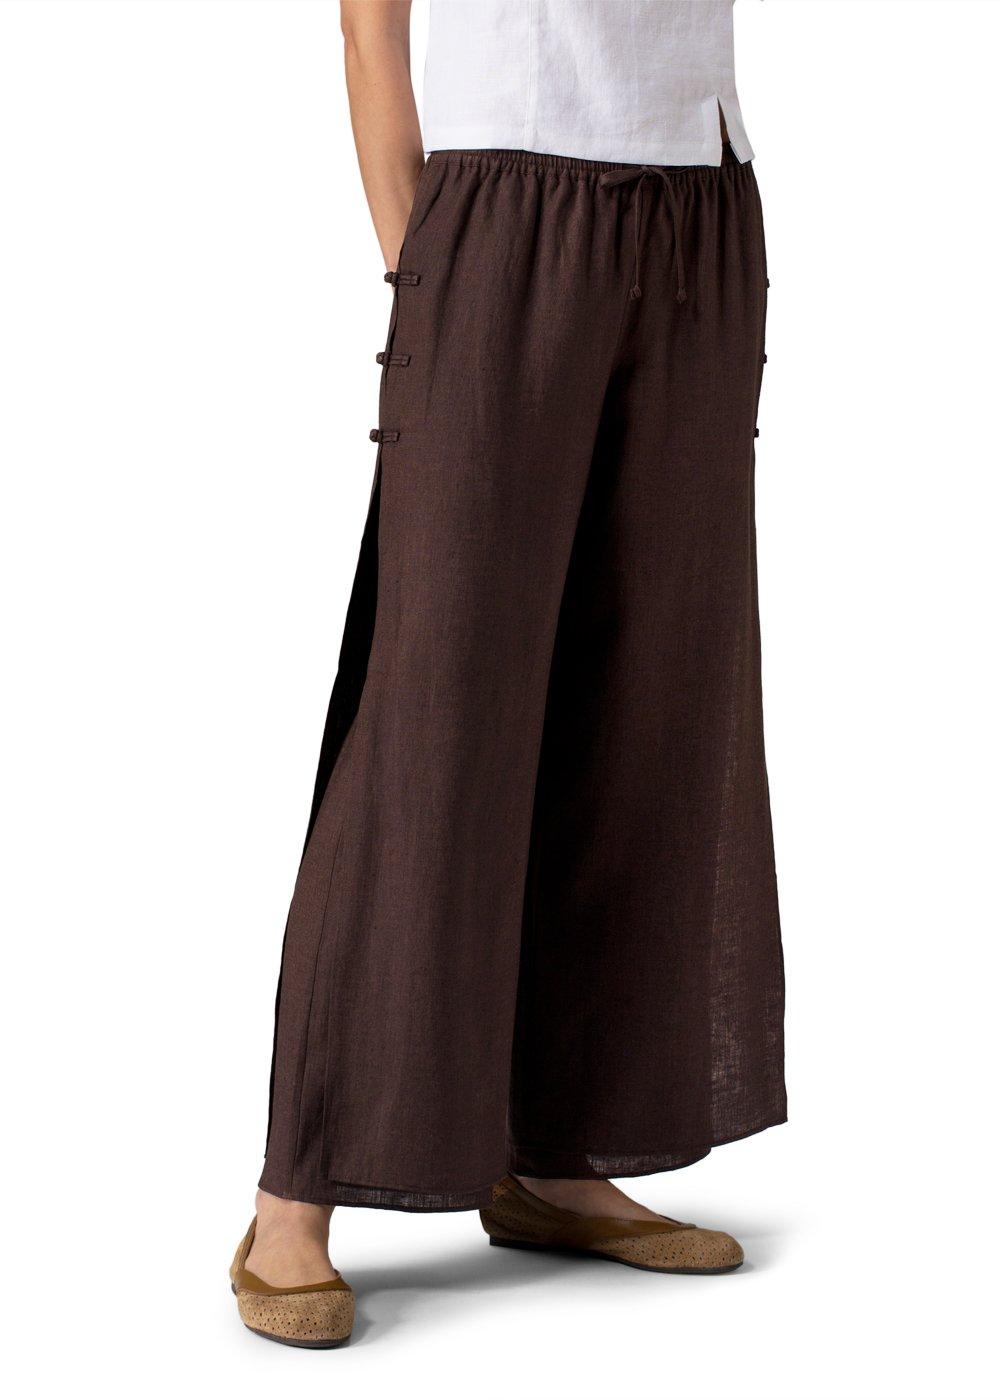 Vivid Linen Double Layers Pants-2X-Dark Brown/Dark Brown